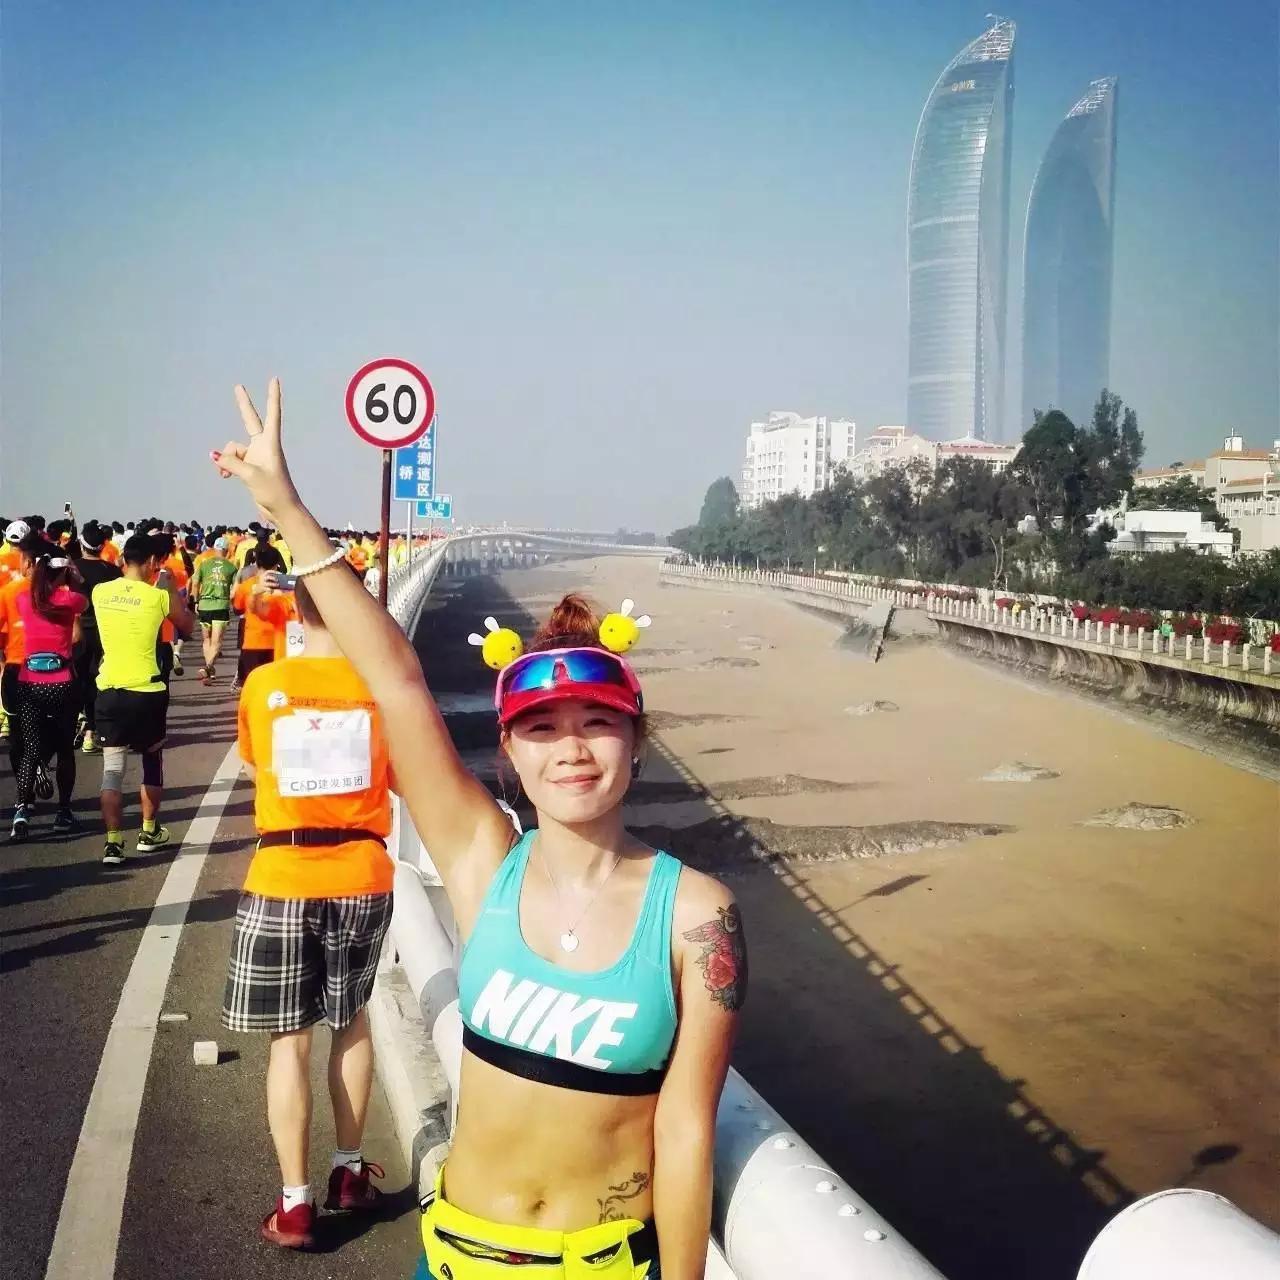 男性禁| 跑步时乳摇是怎样一种感受?